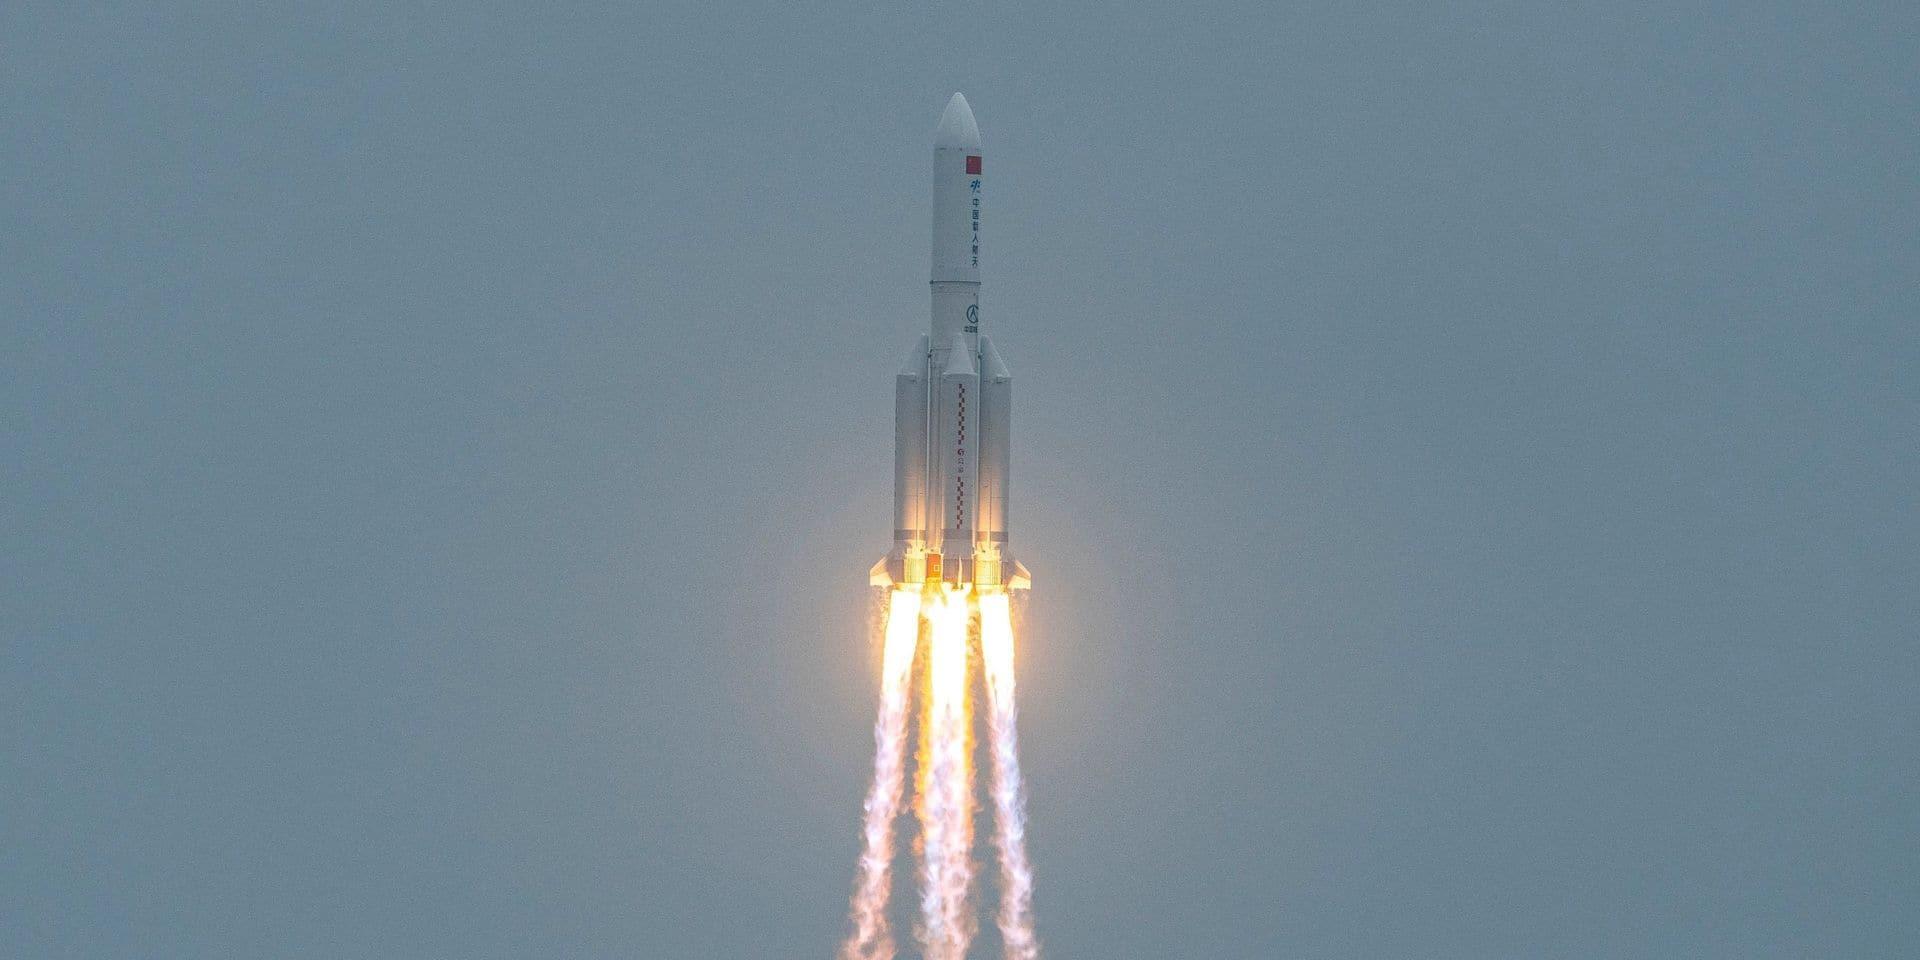 Une partie de la fusée chinoise hors de contrôle s'est désintégrée au-dessus de l'océan indien